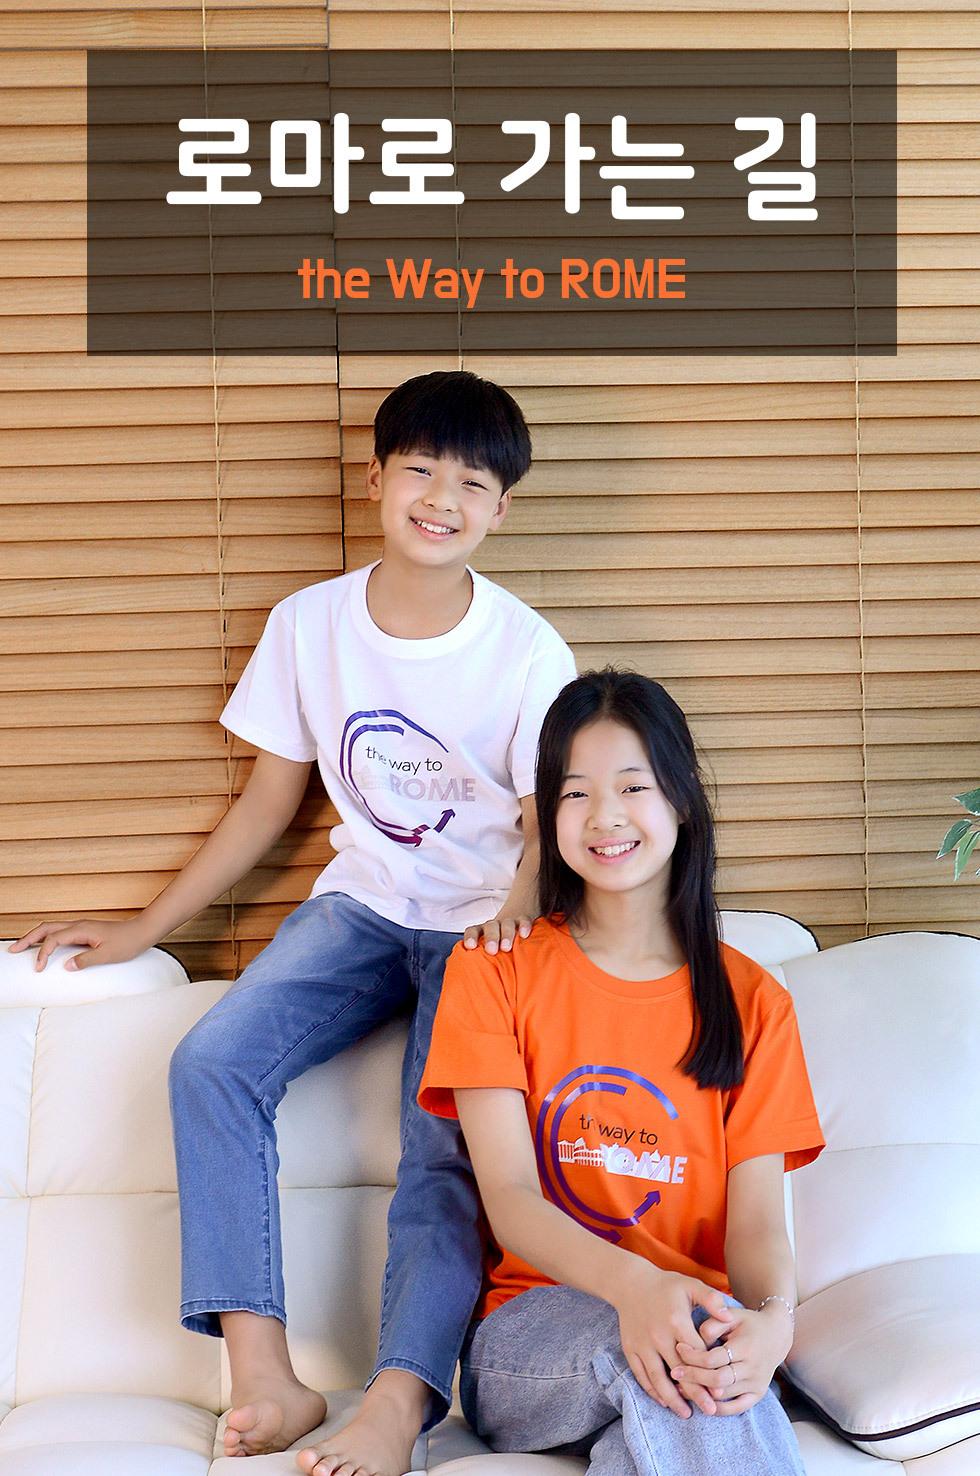 교회 단체티셔츠 바울의 교회사랑 이야기, 로마로 가는 길 (the way to ROME) - 아동티셔츠(화살표) 타이틀이미지